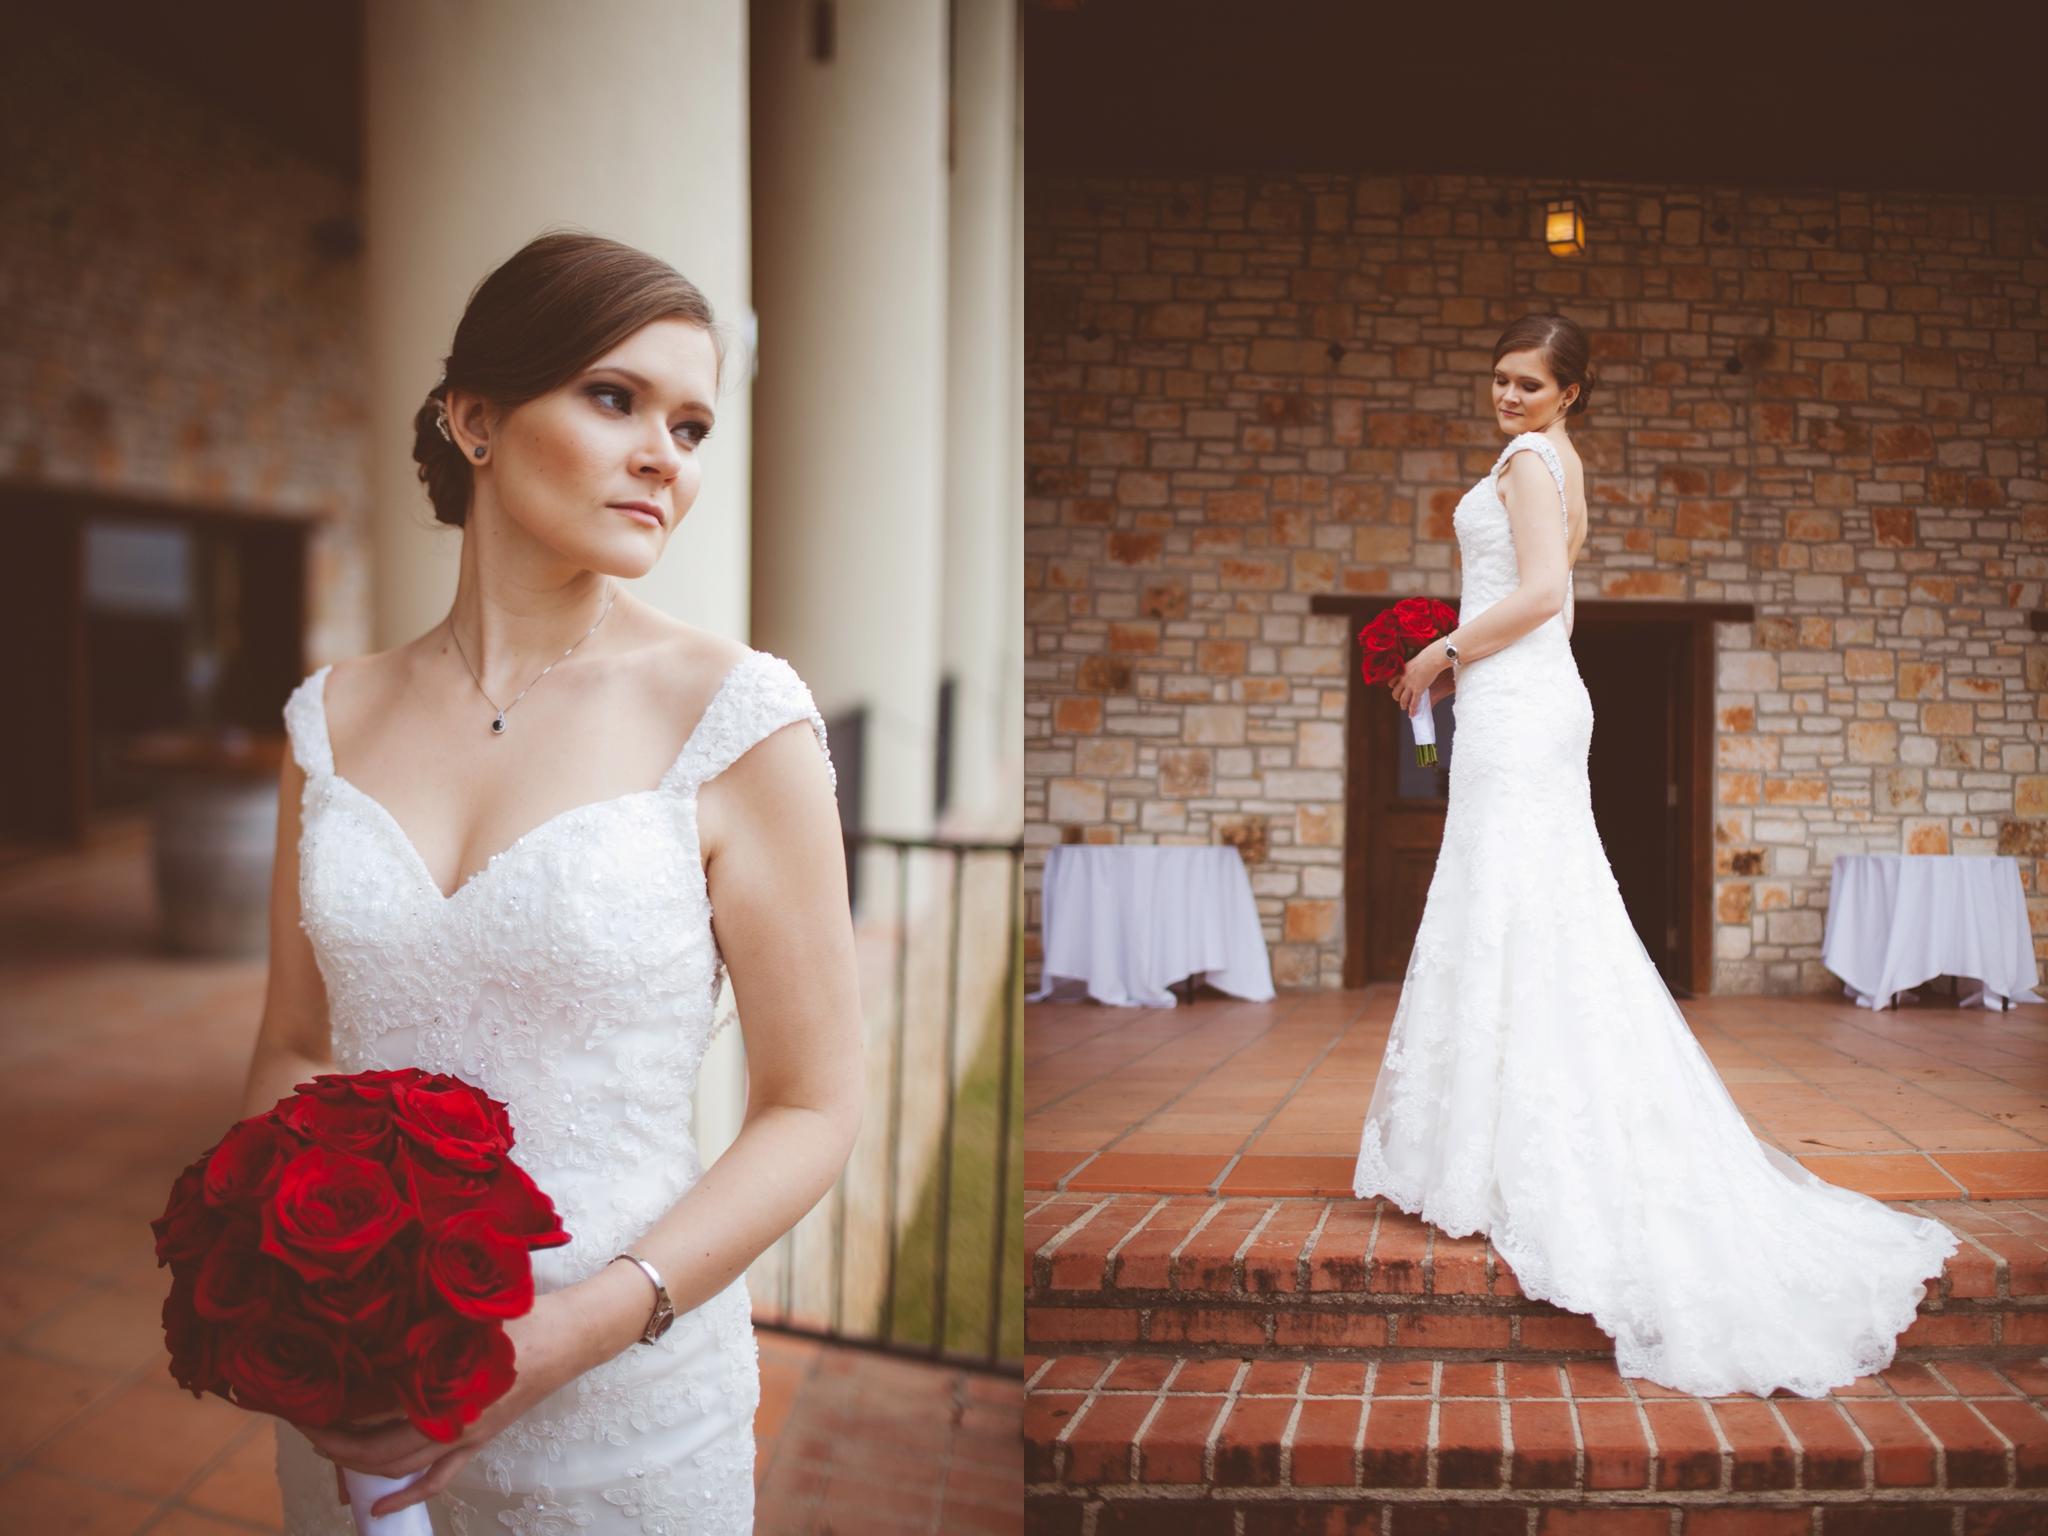 Salt-Lick-Austin-Wedding-Photographer-014.jpg